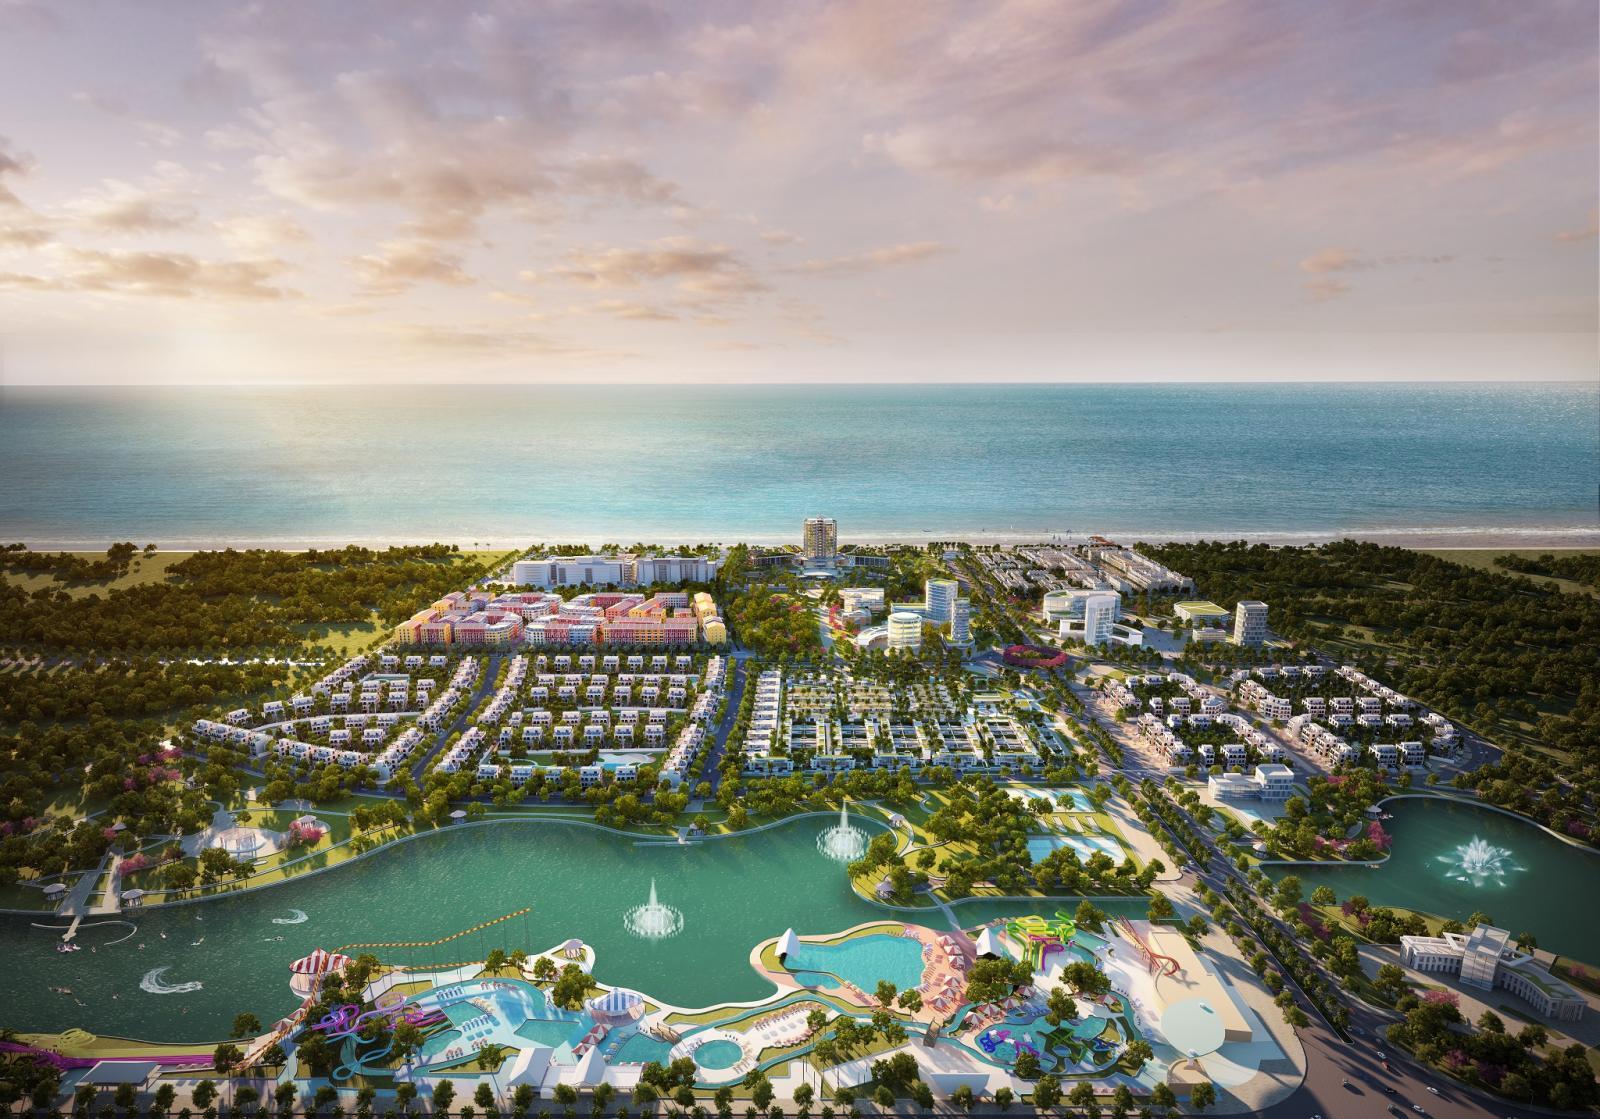 Phối cảnh một dự án nghỉ dưỡng ven biển có công viên nước